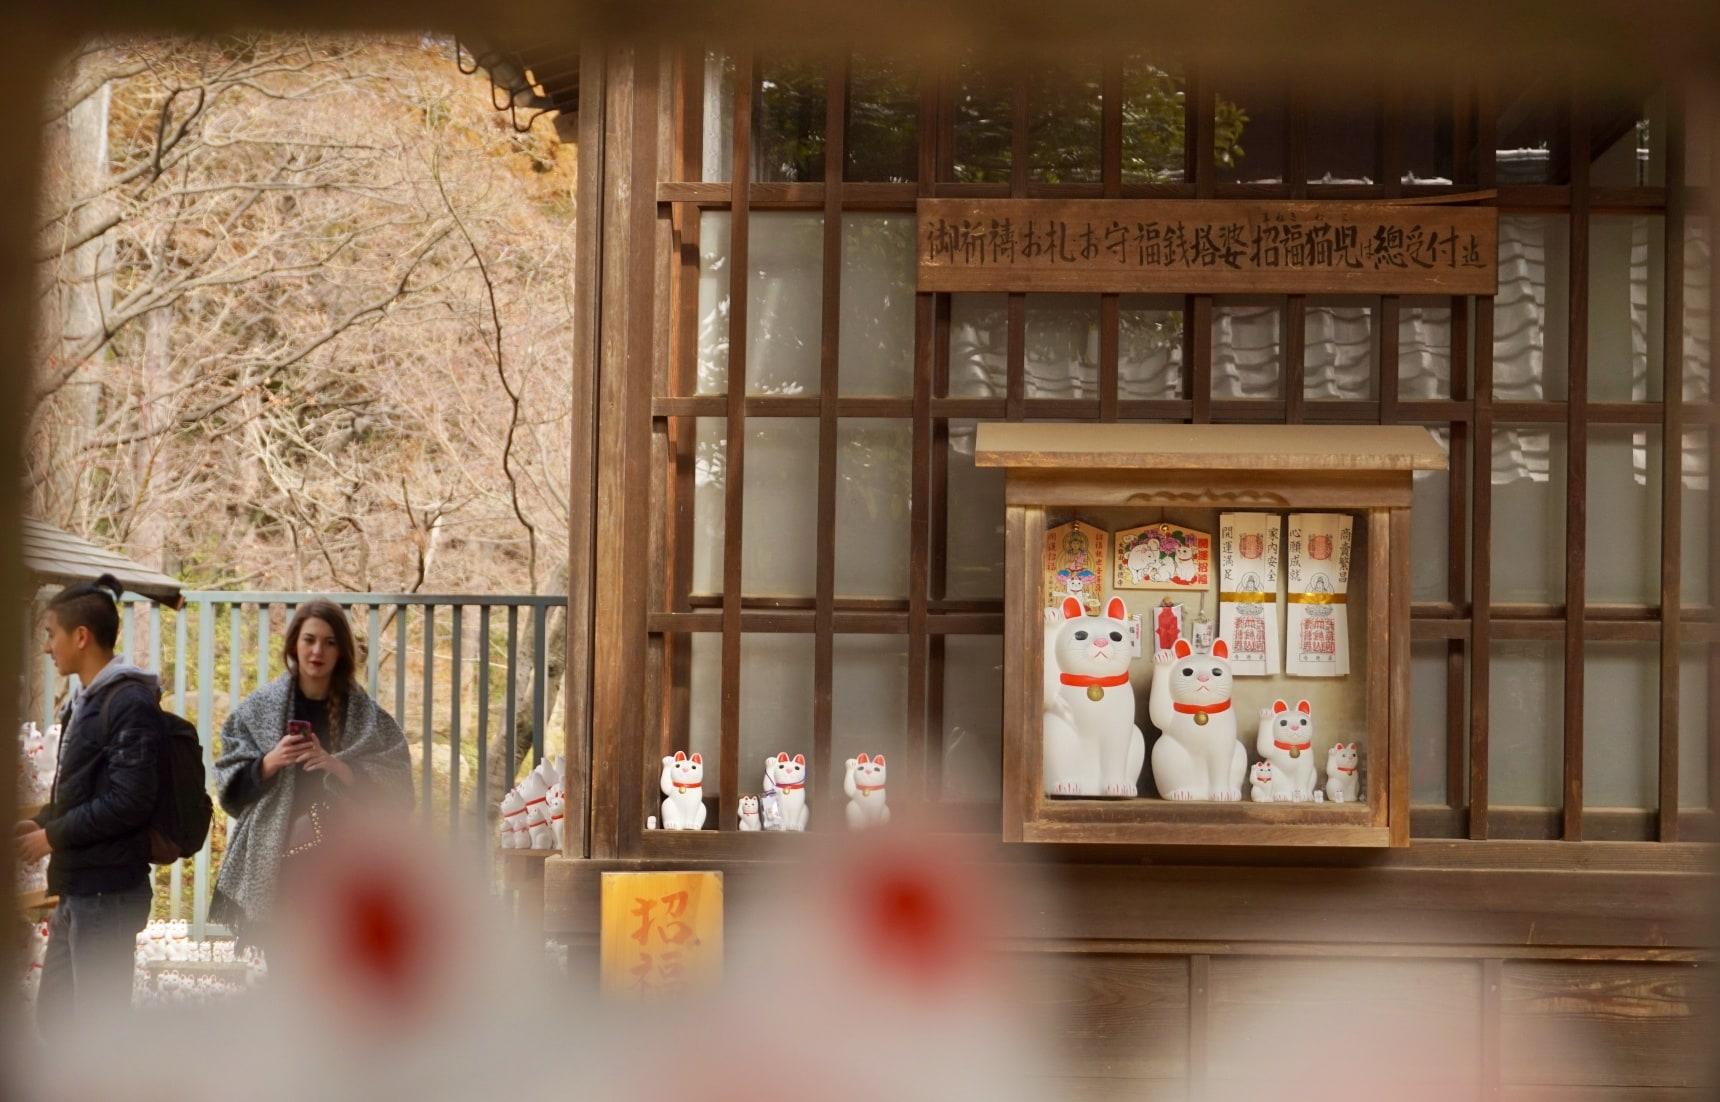 【東京自由行】搭上可愛貓咪列車,東急世田谷線一日文青散策